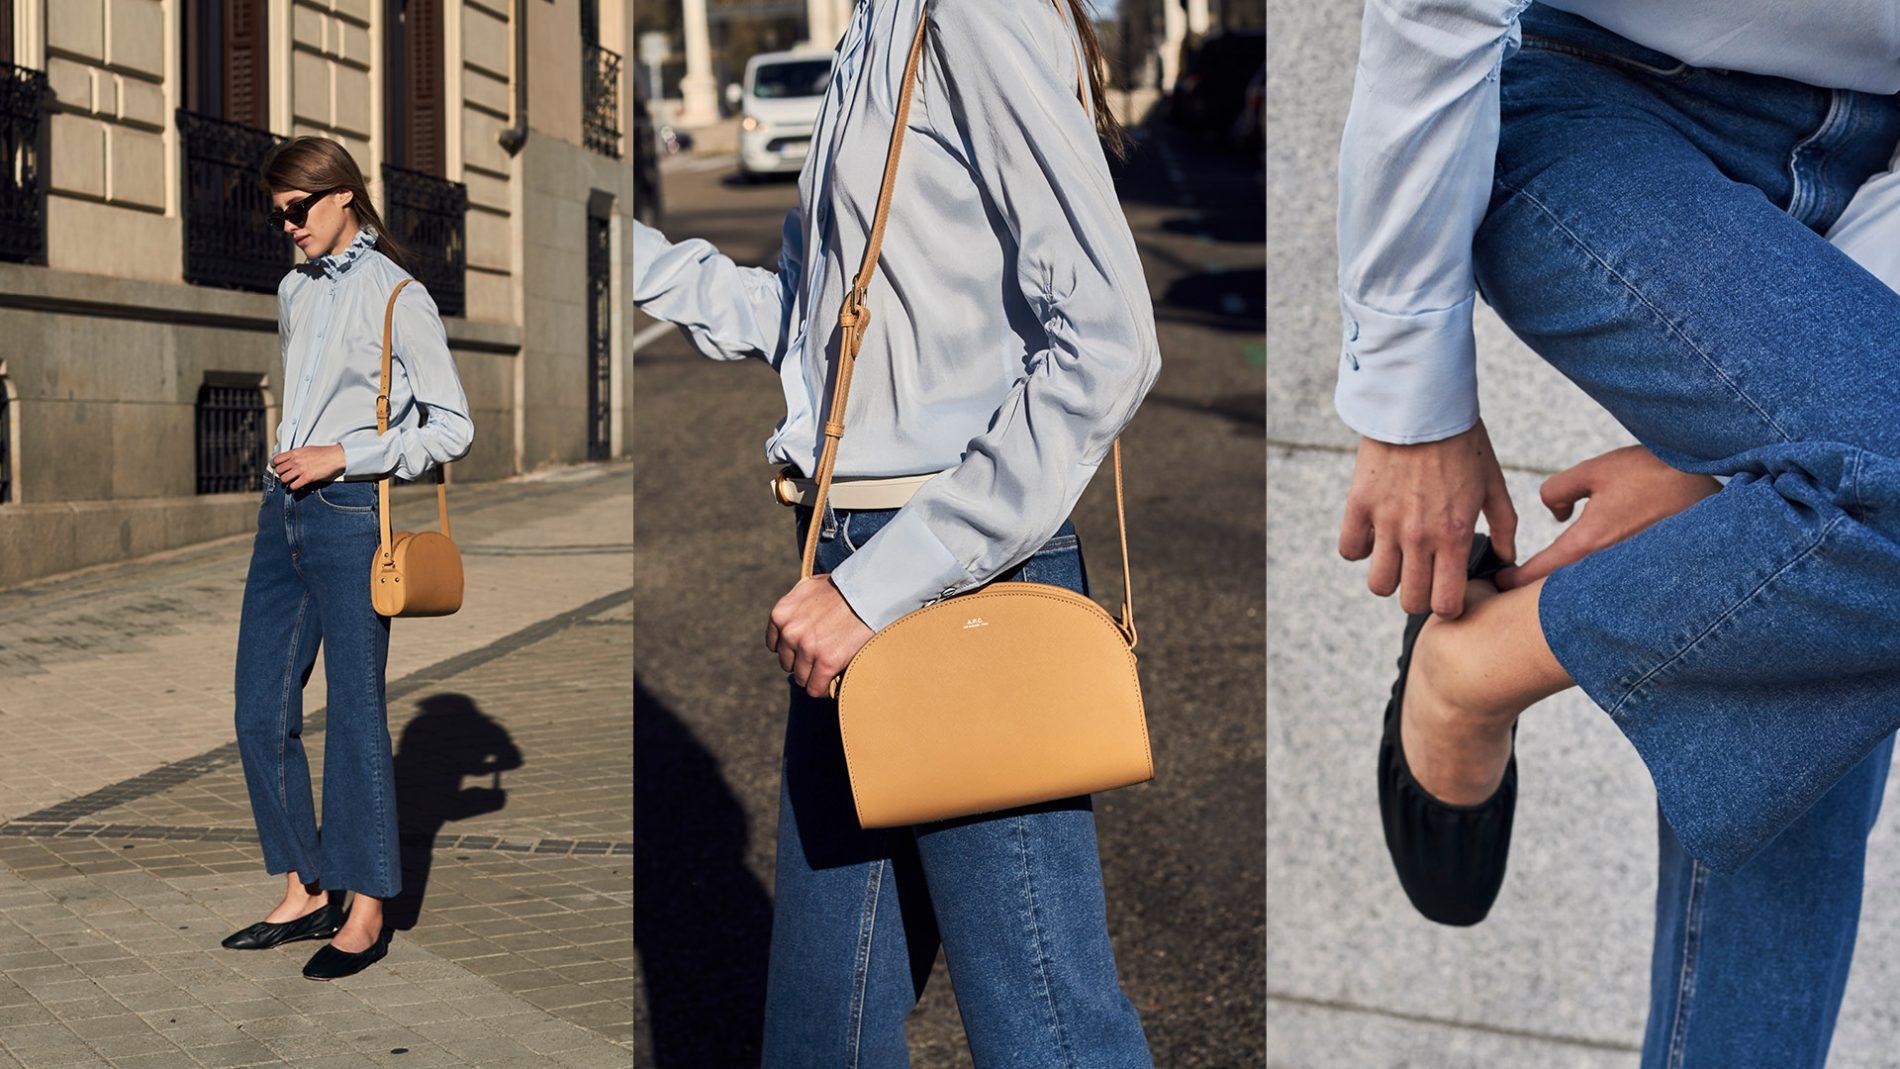 El Corte Inglés Rag & Bone Jeans Celine Shoes Carven Shirt